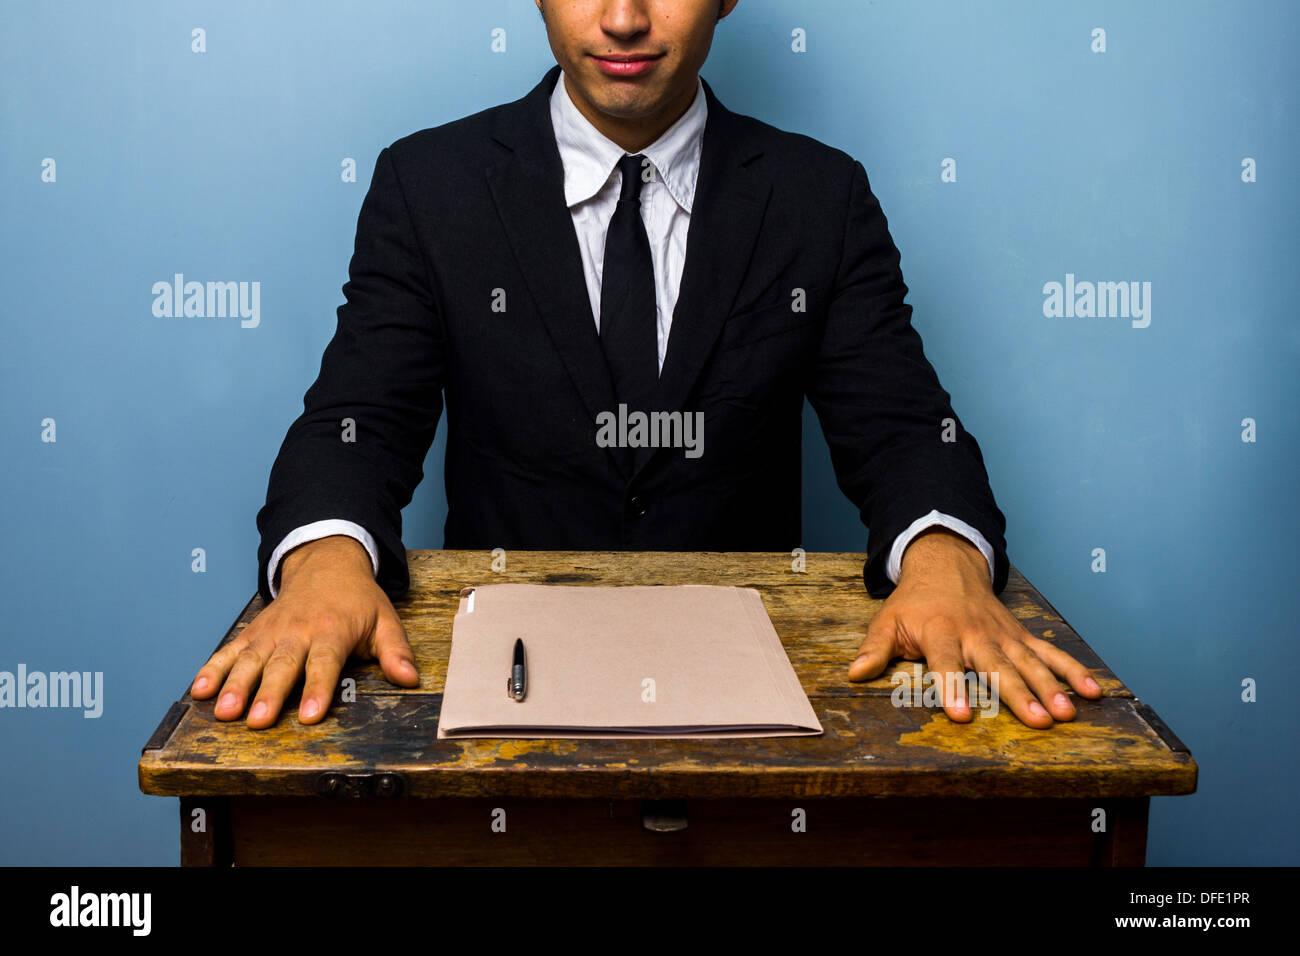 Joven empresario acaba de firmar acuerdo importante Imagen De Stock